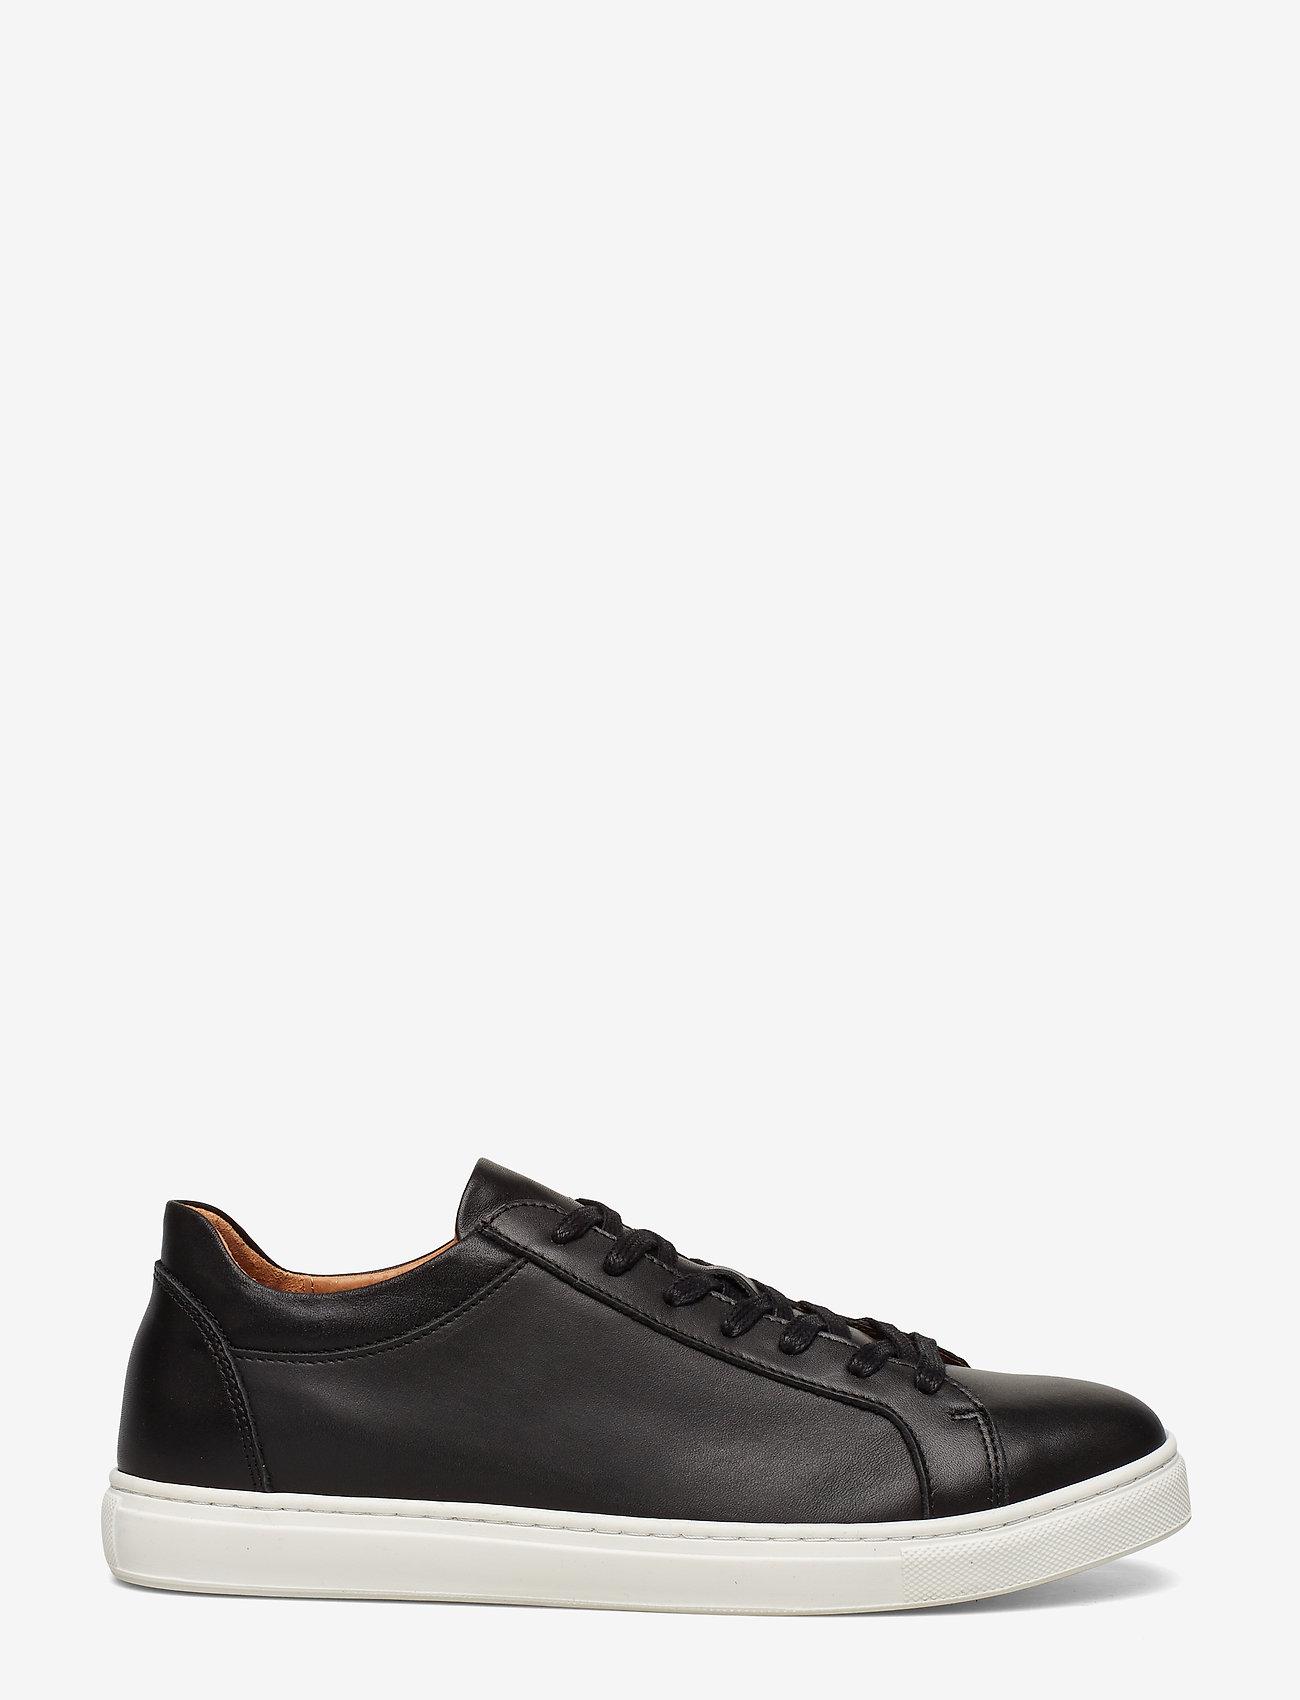 Selected Homme - SLHDAVID SNEAKER W NOOS - laag sneakers - black - 1